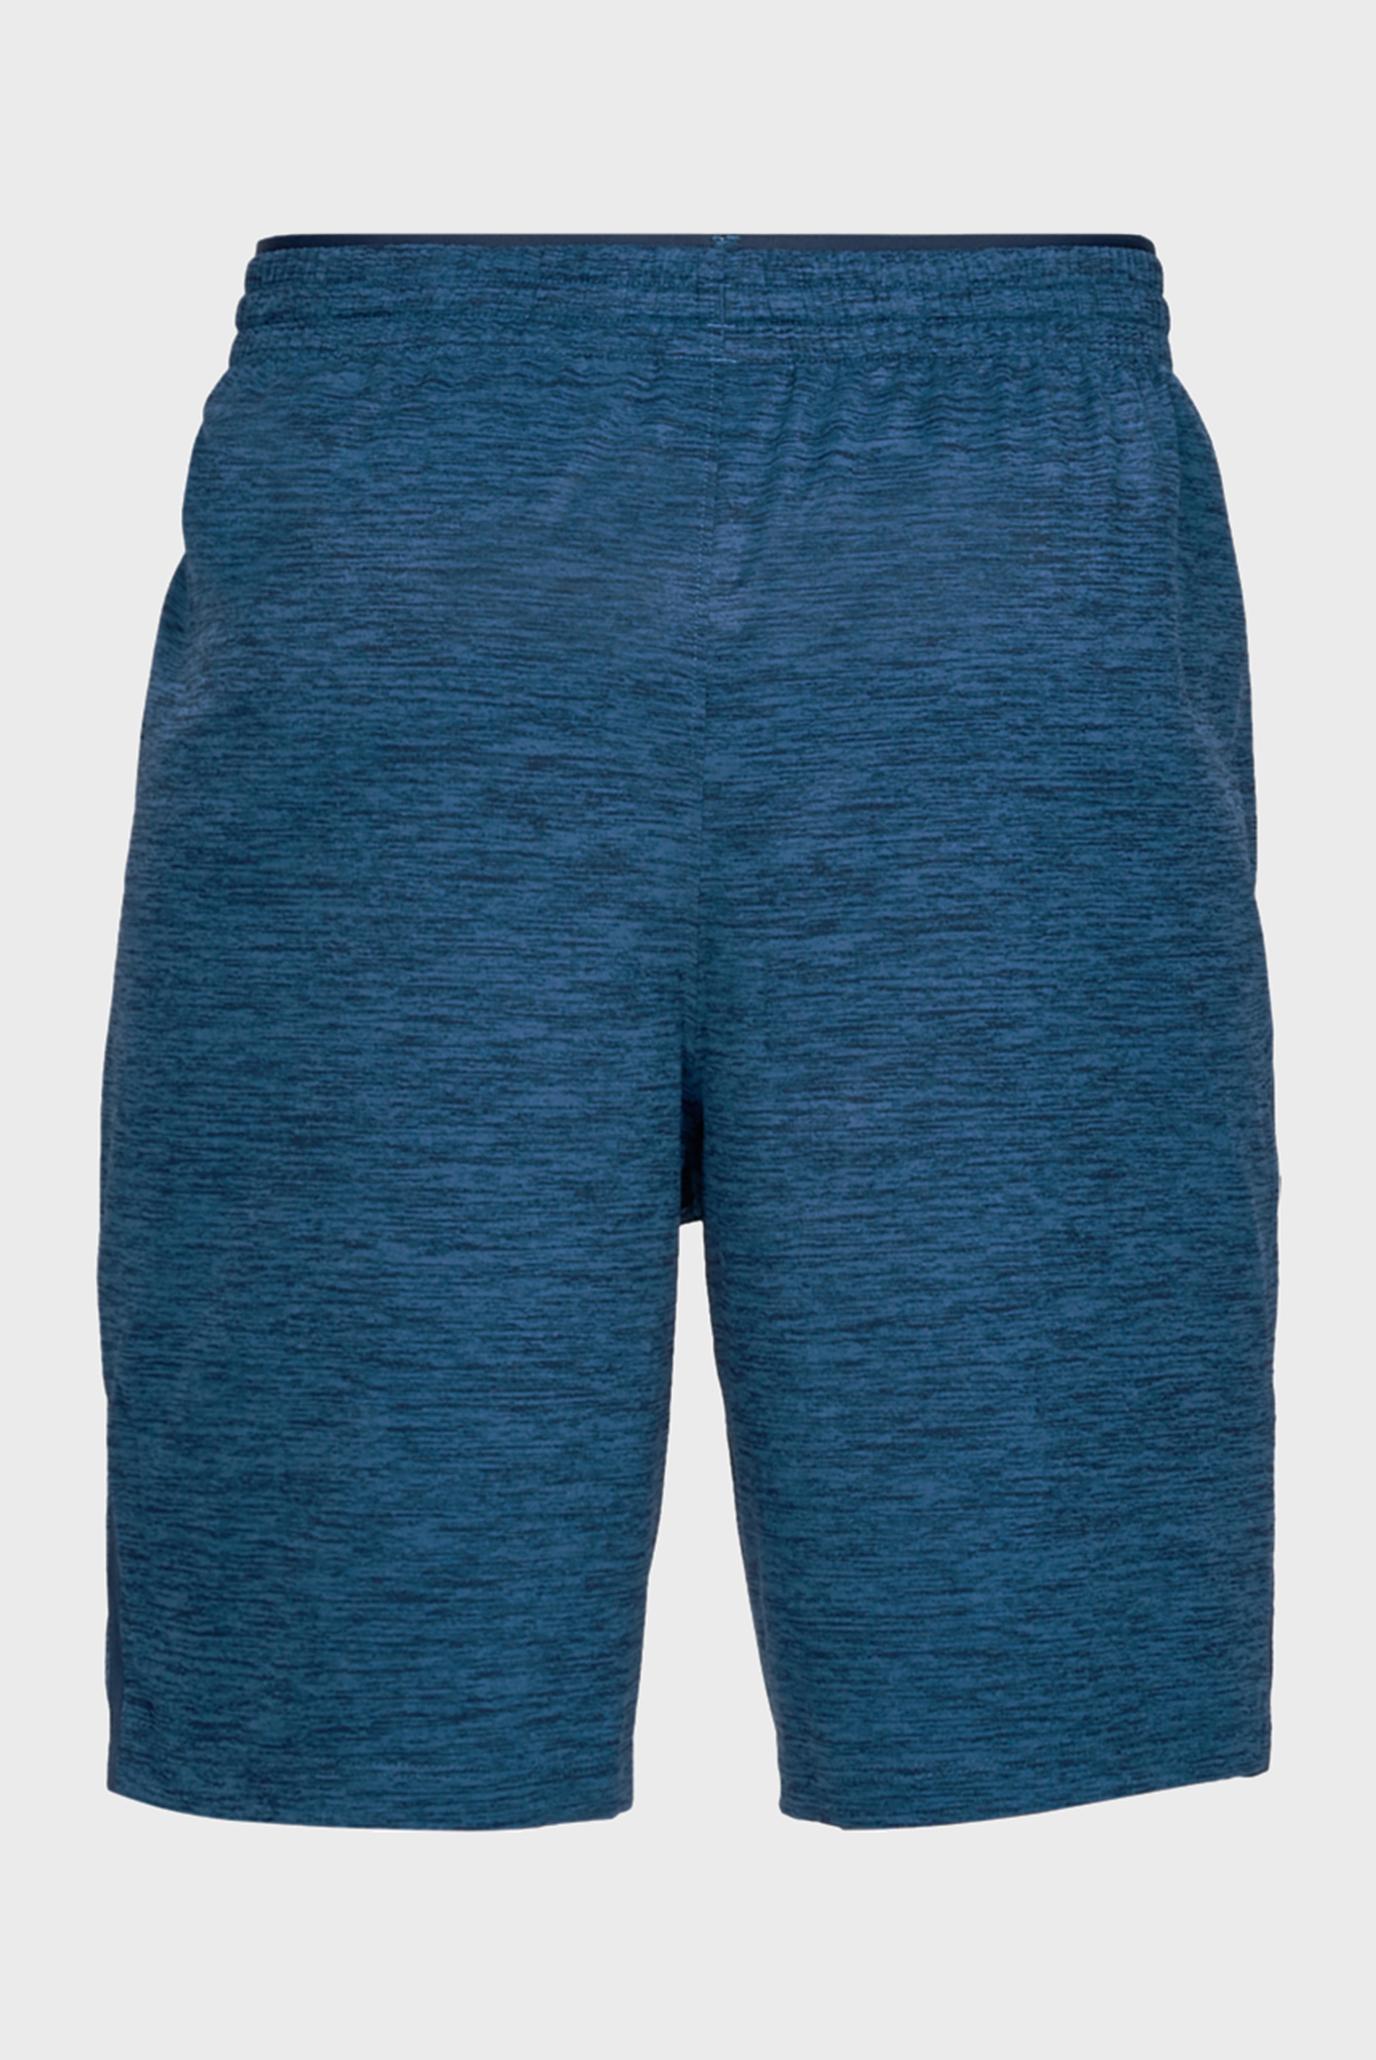 Купить Мужские синие шорты Qualifier WG Perf Short Nov Under Armour Under Armour 1327677-437 – Киев, Украина. Цены в интернет магазине MD Fashion